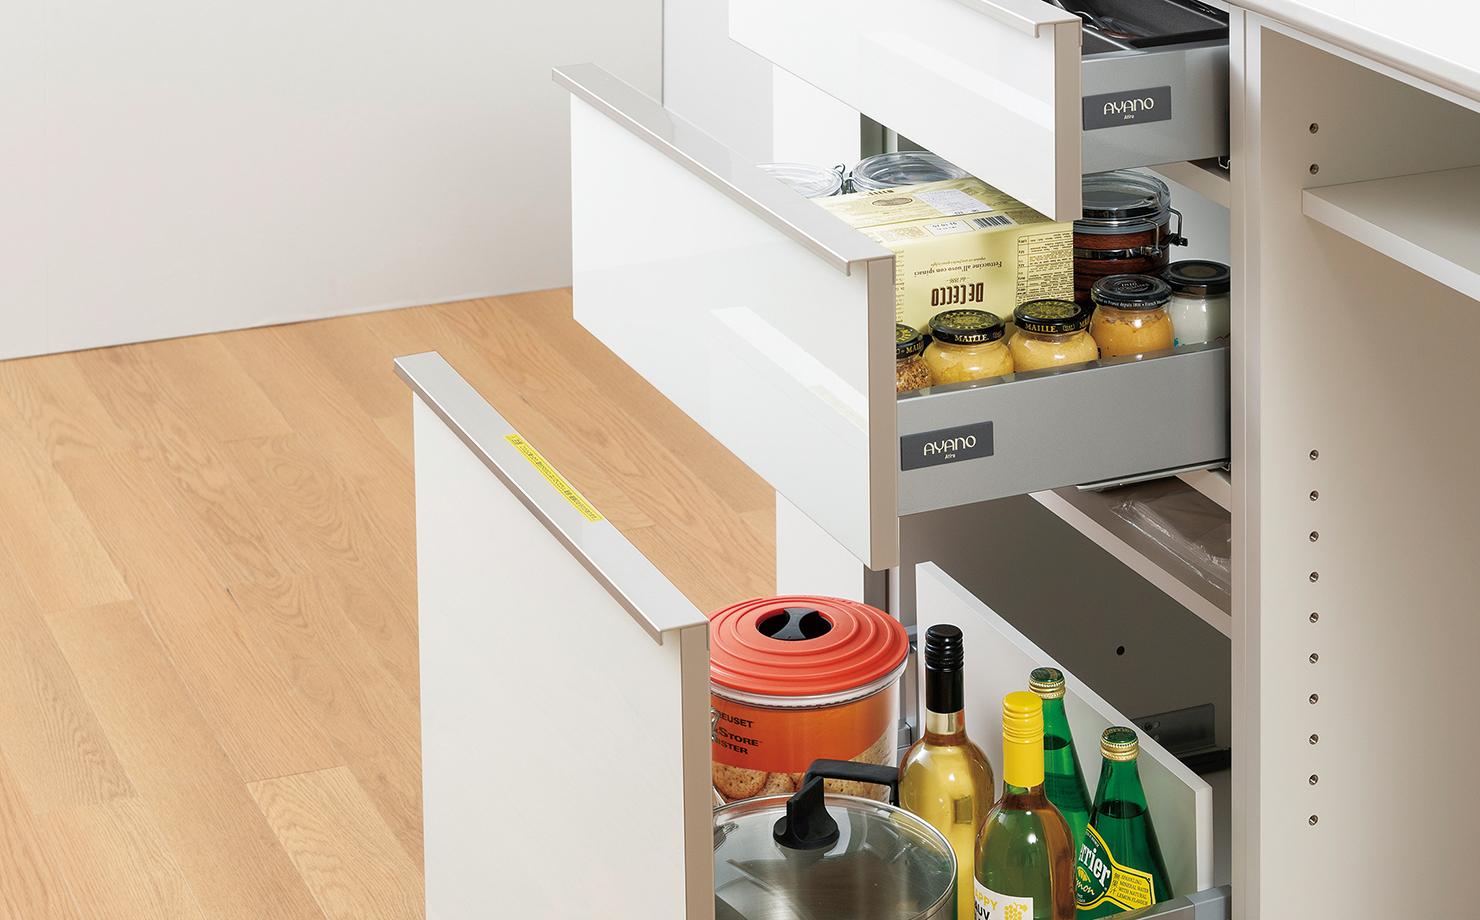 キッチンまわりのものを使い勝手良く分類して収納できる